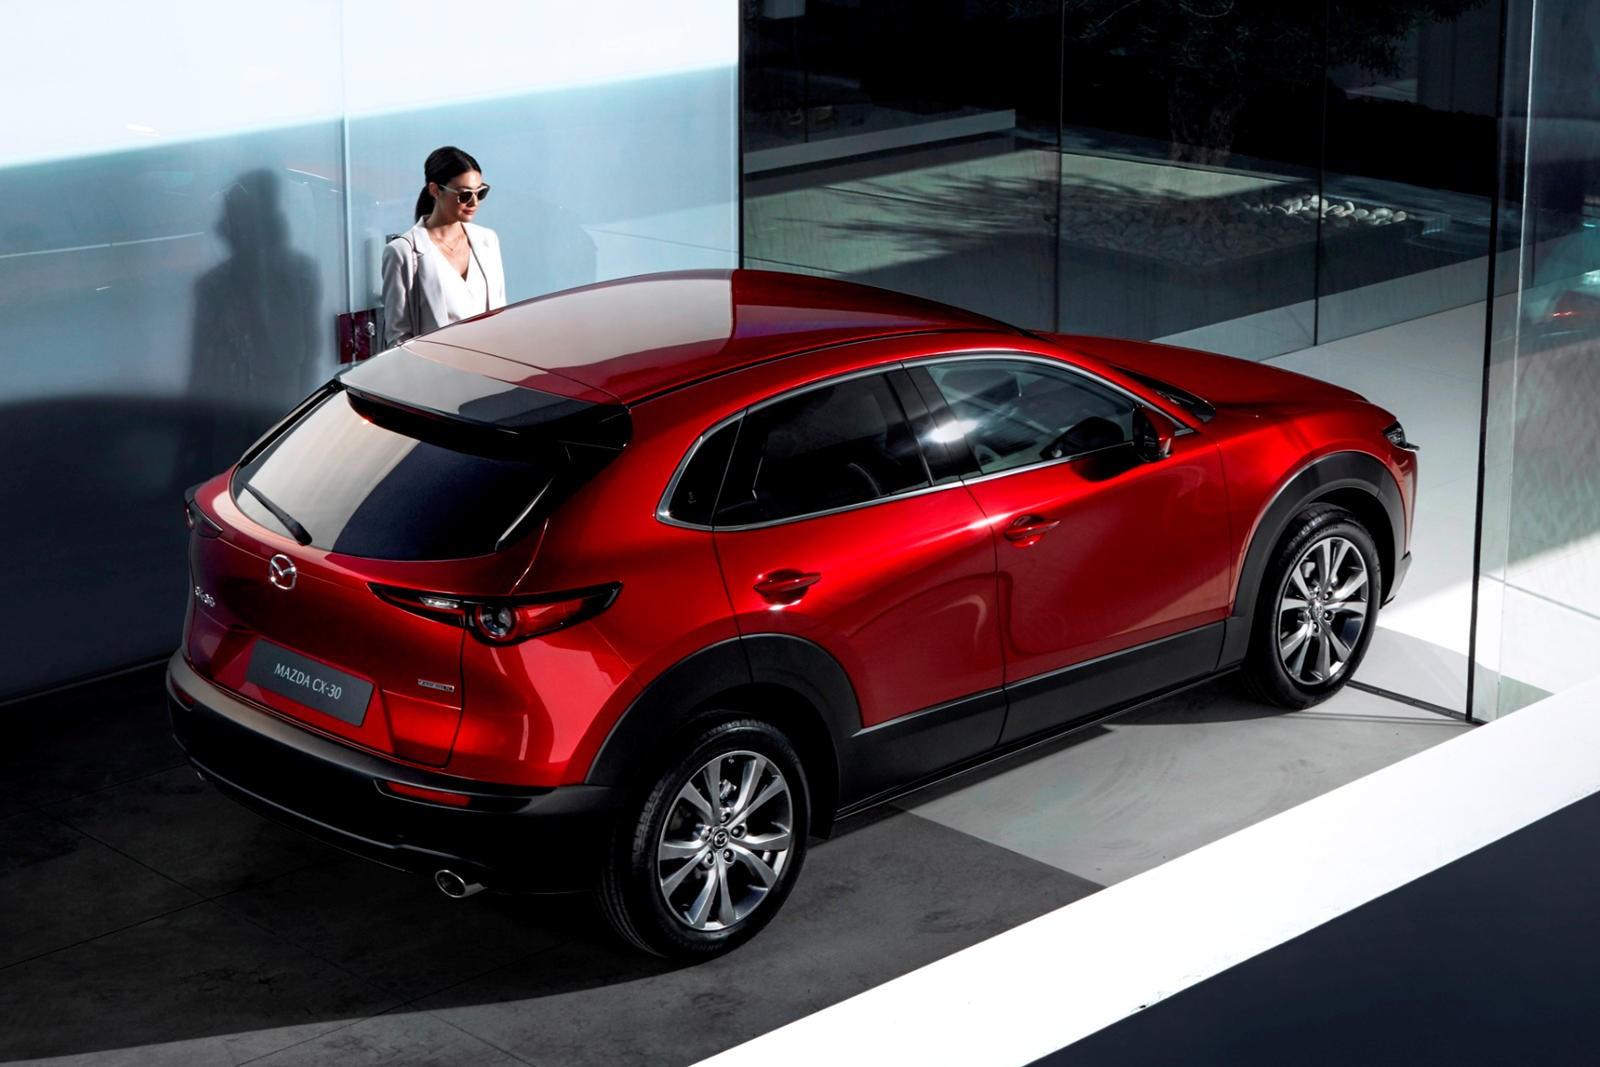 Mazda CX-30 là mẫu xe nhắm tới nhóm khách hàng là những cô gái trẻ độc thân